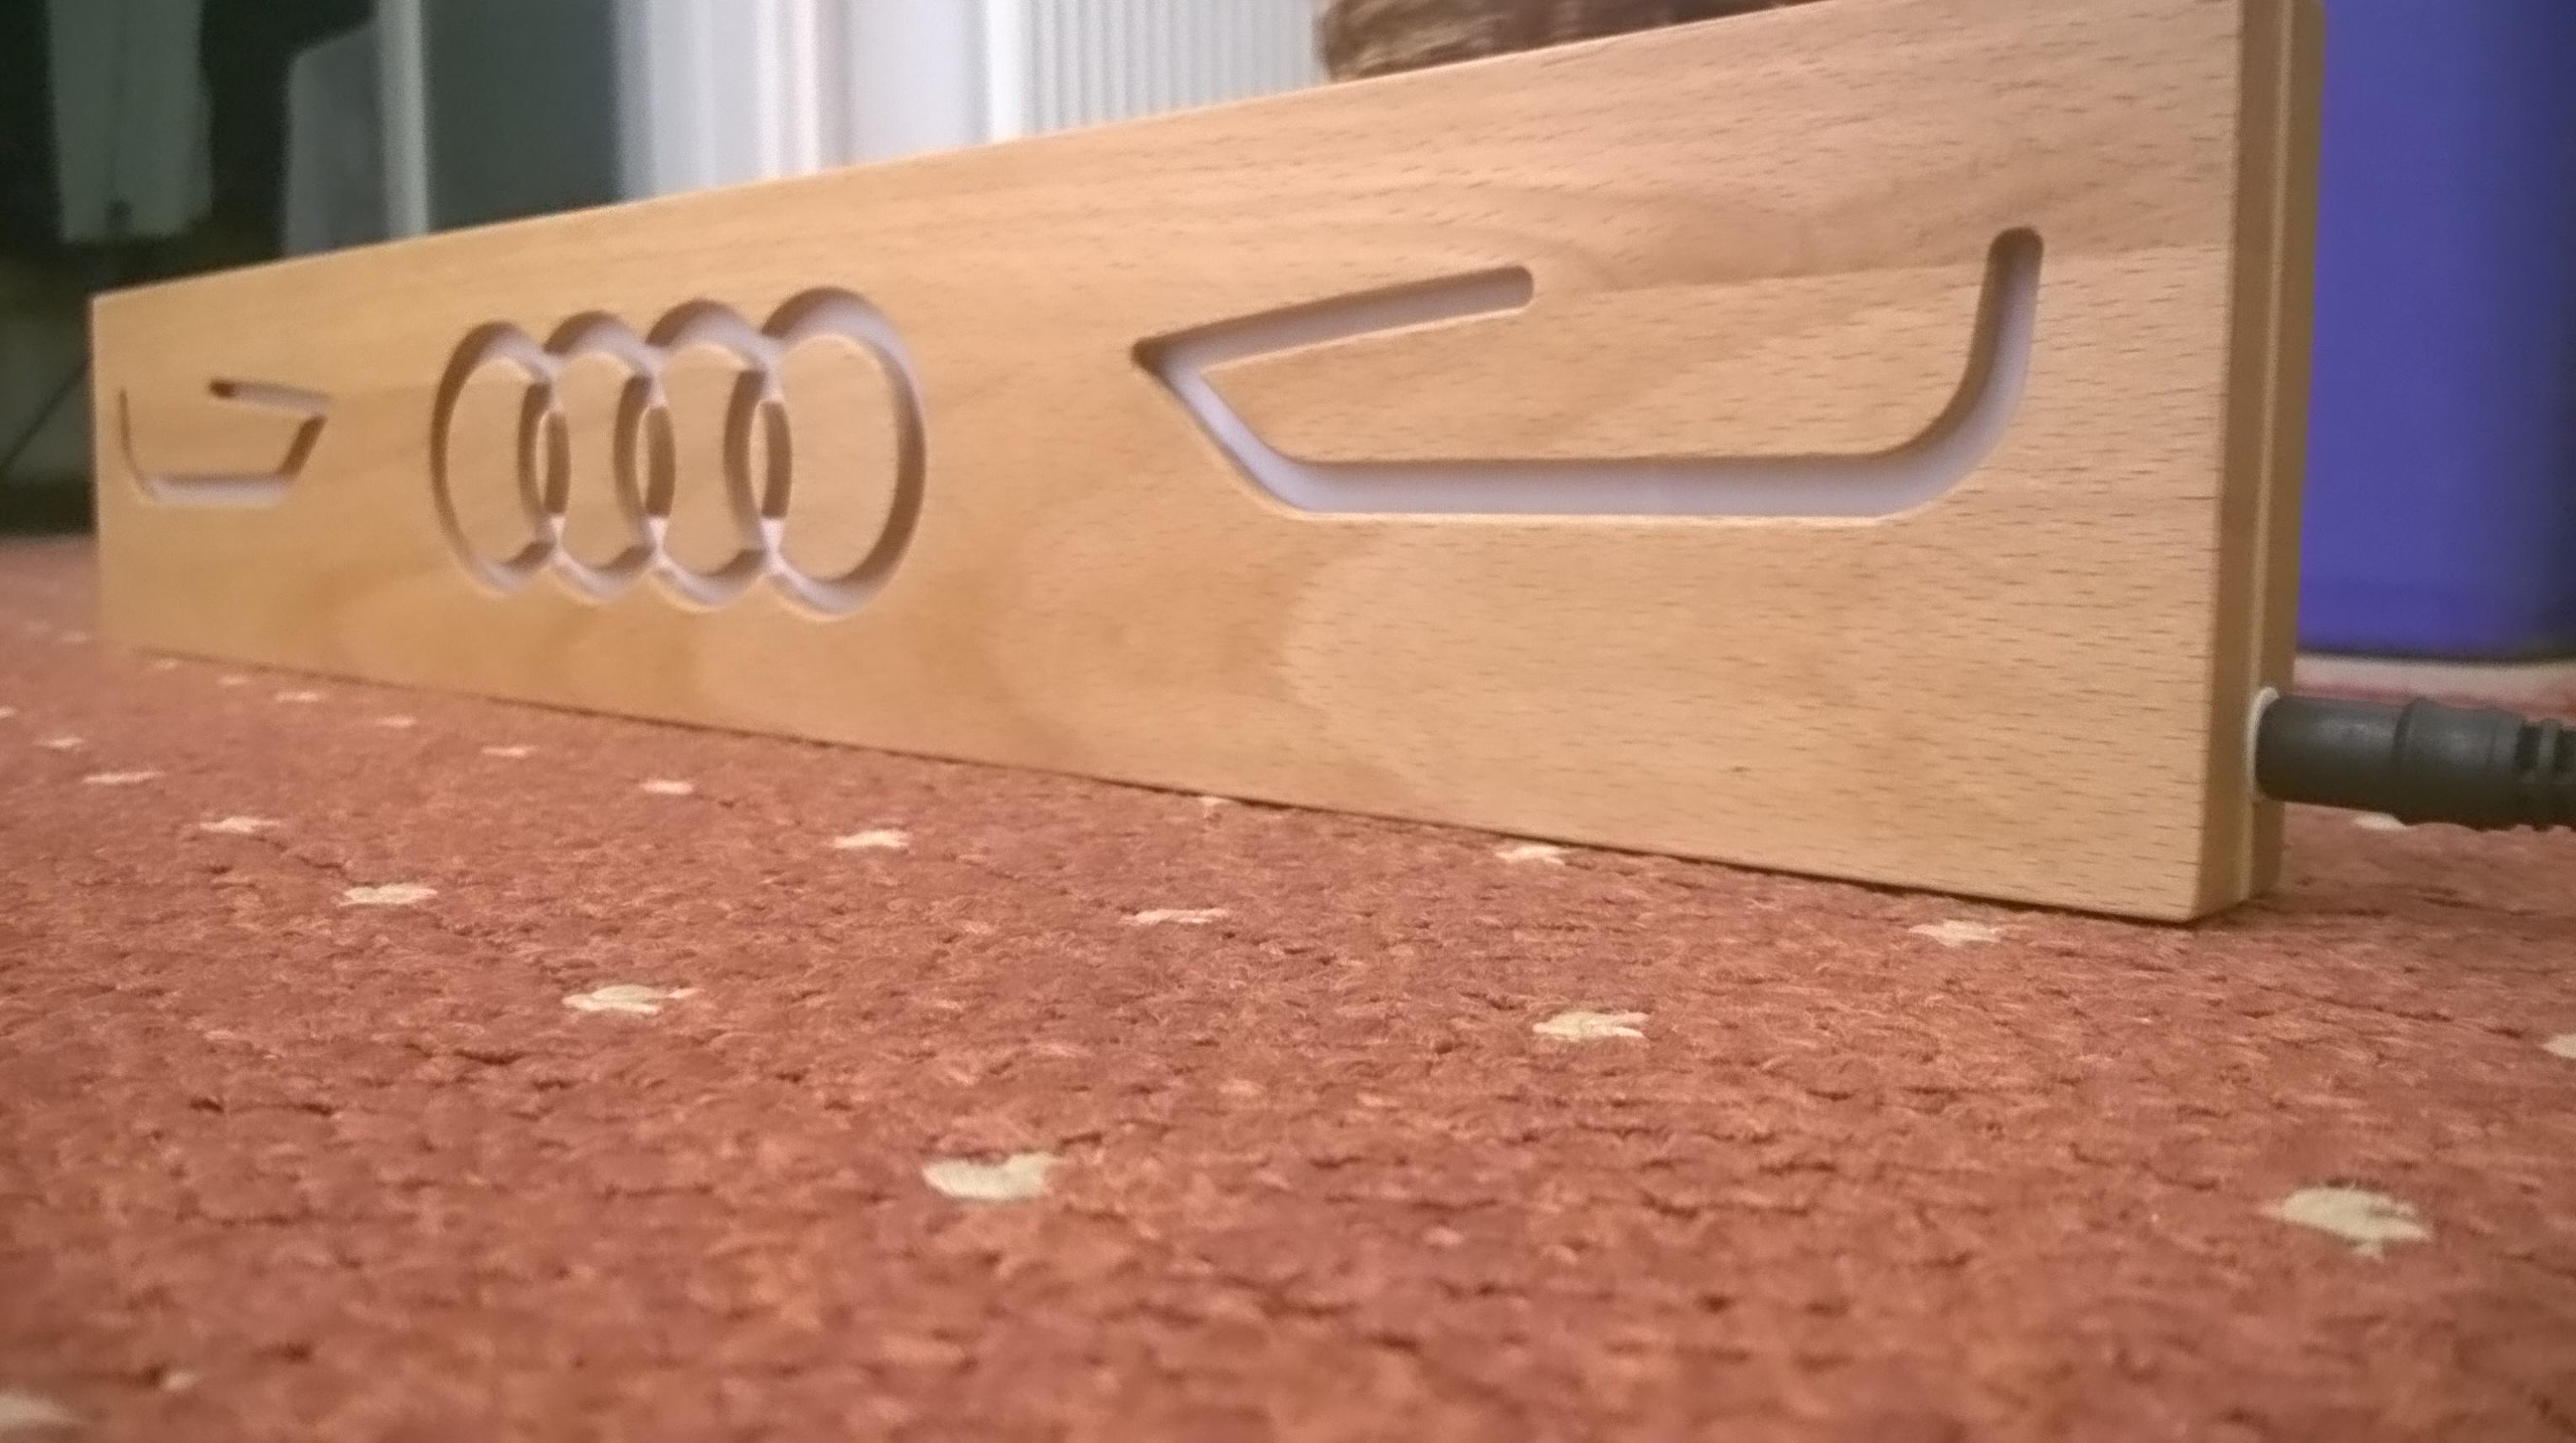 Audi embléma - RGB LED megvilágítás WiFi-s vezérlővel